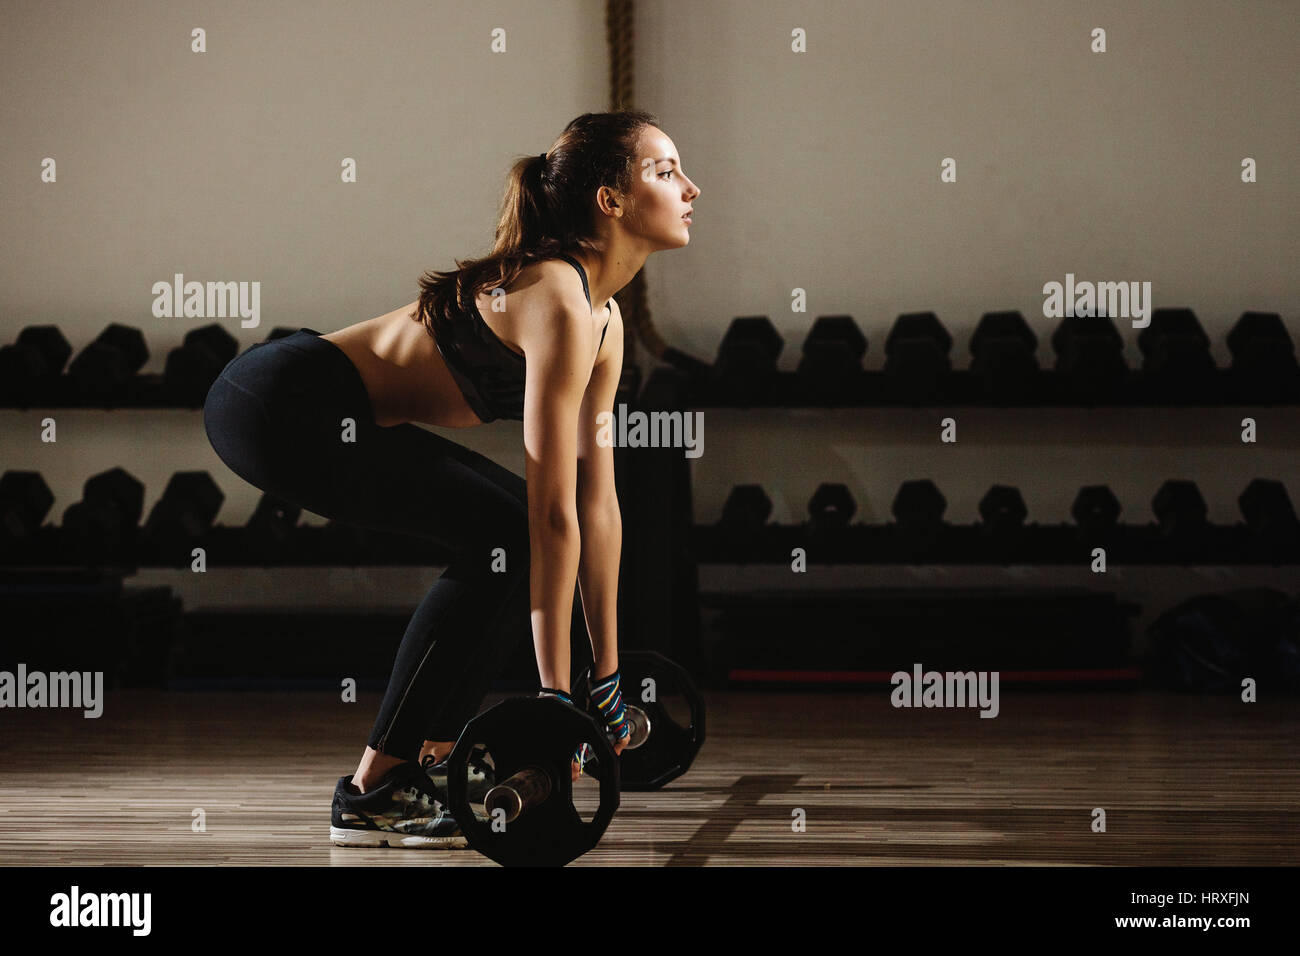 Mujer fitness halterofilia deadlift. Niña modelo Fitness pesas en el gimnasio. Imagen De Stock